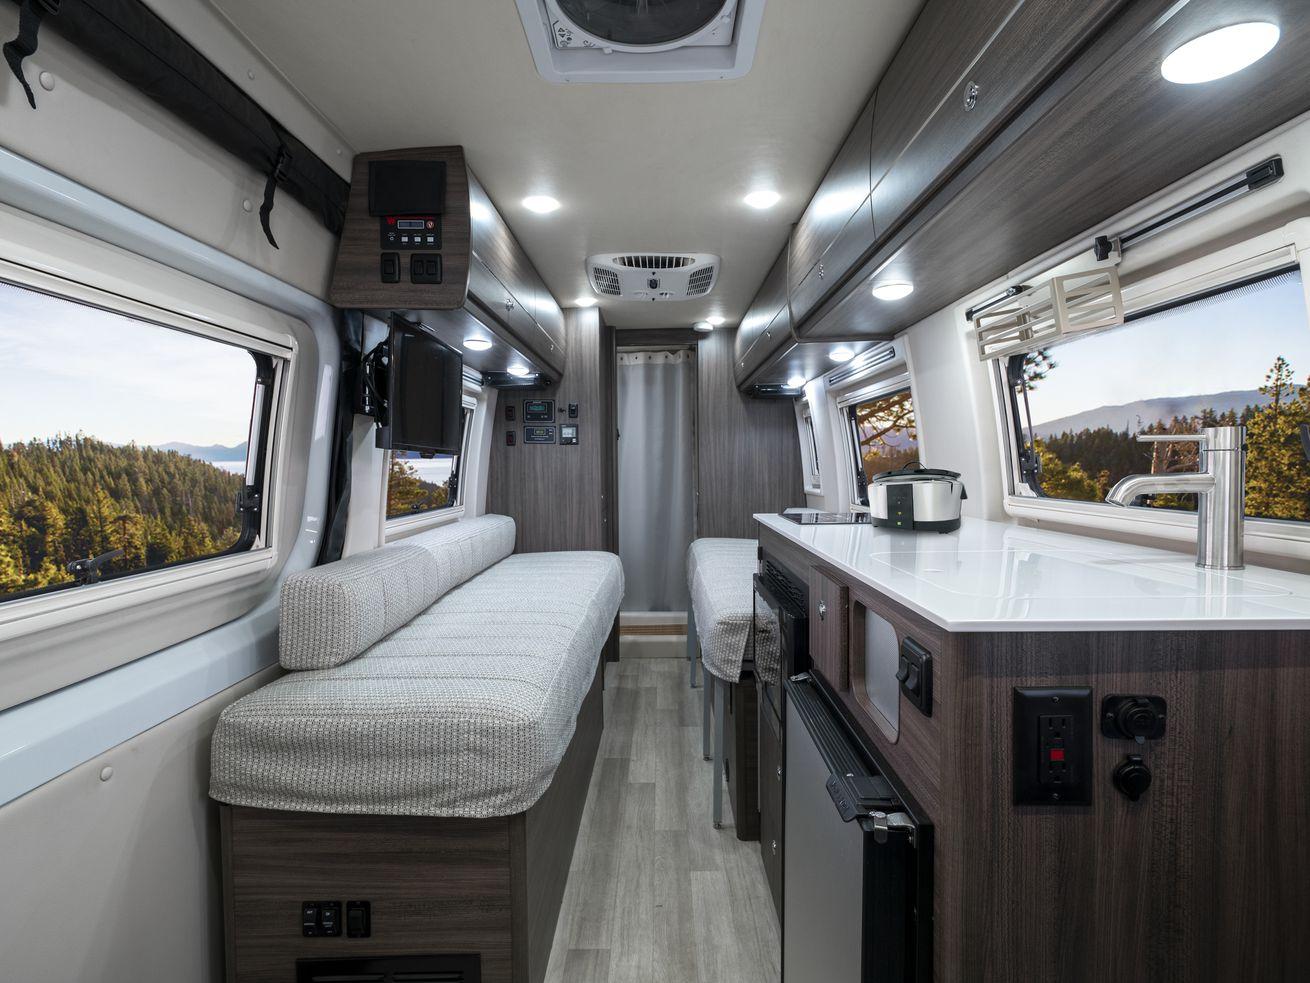 Winnebago?s new camper van is prepped for off-grid adventure